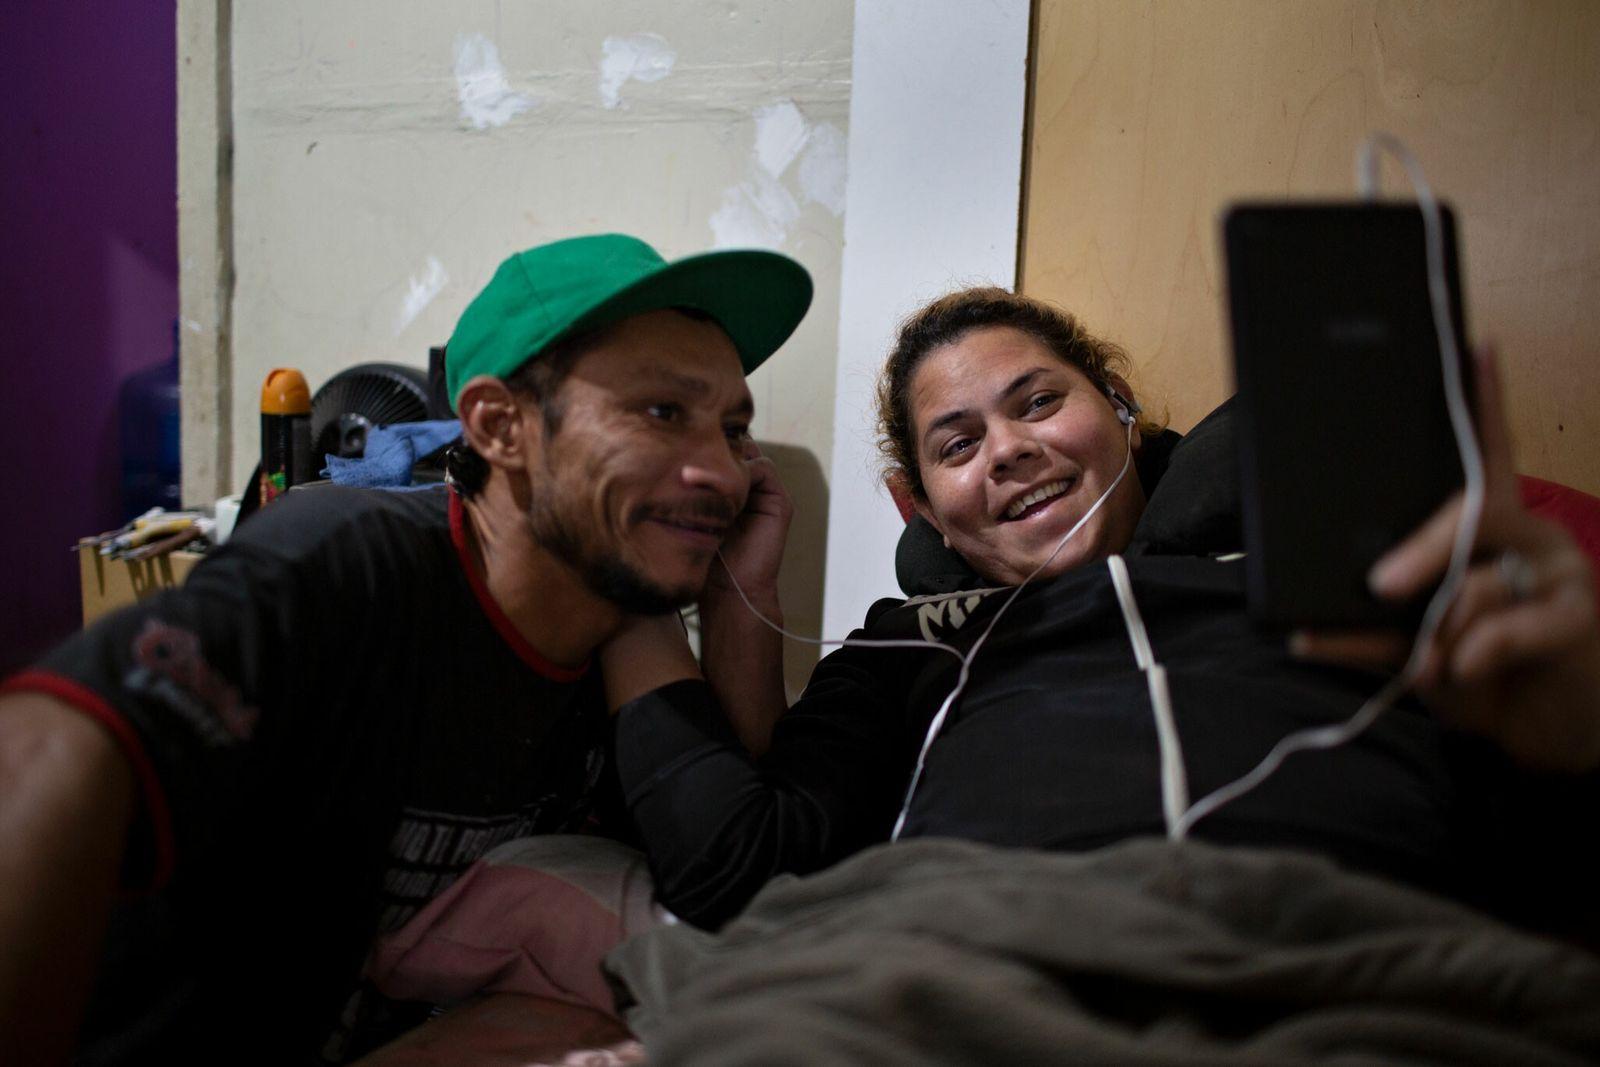 Kataleya encontrou companheirismo em Angel, mas ele não quer ir para os Estados Unidos.